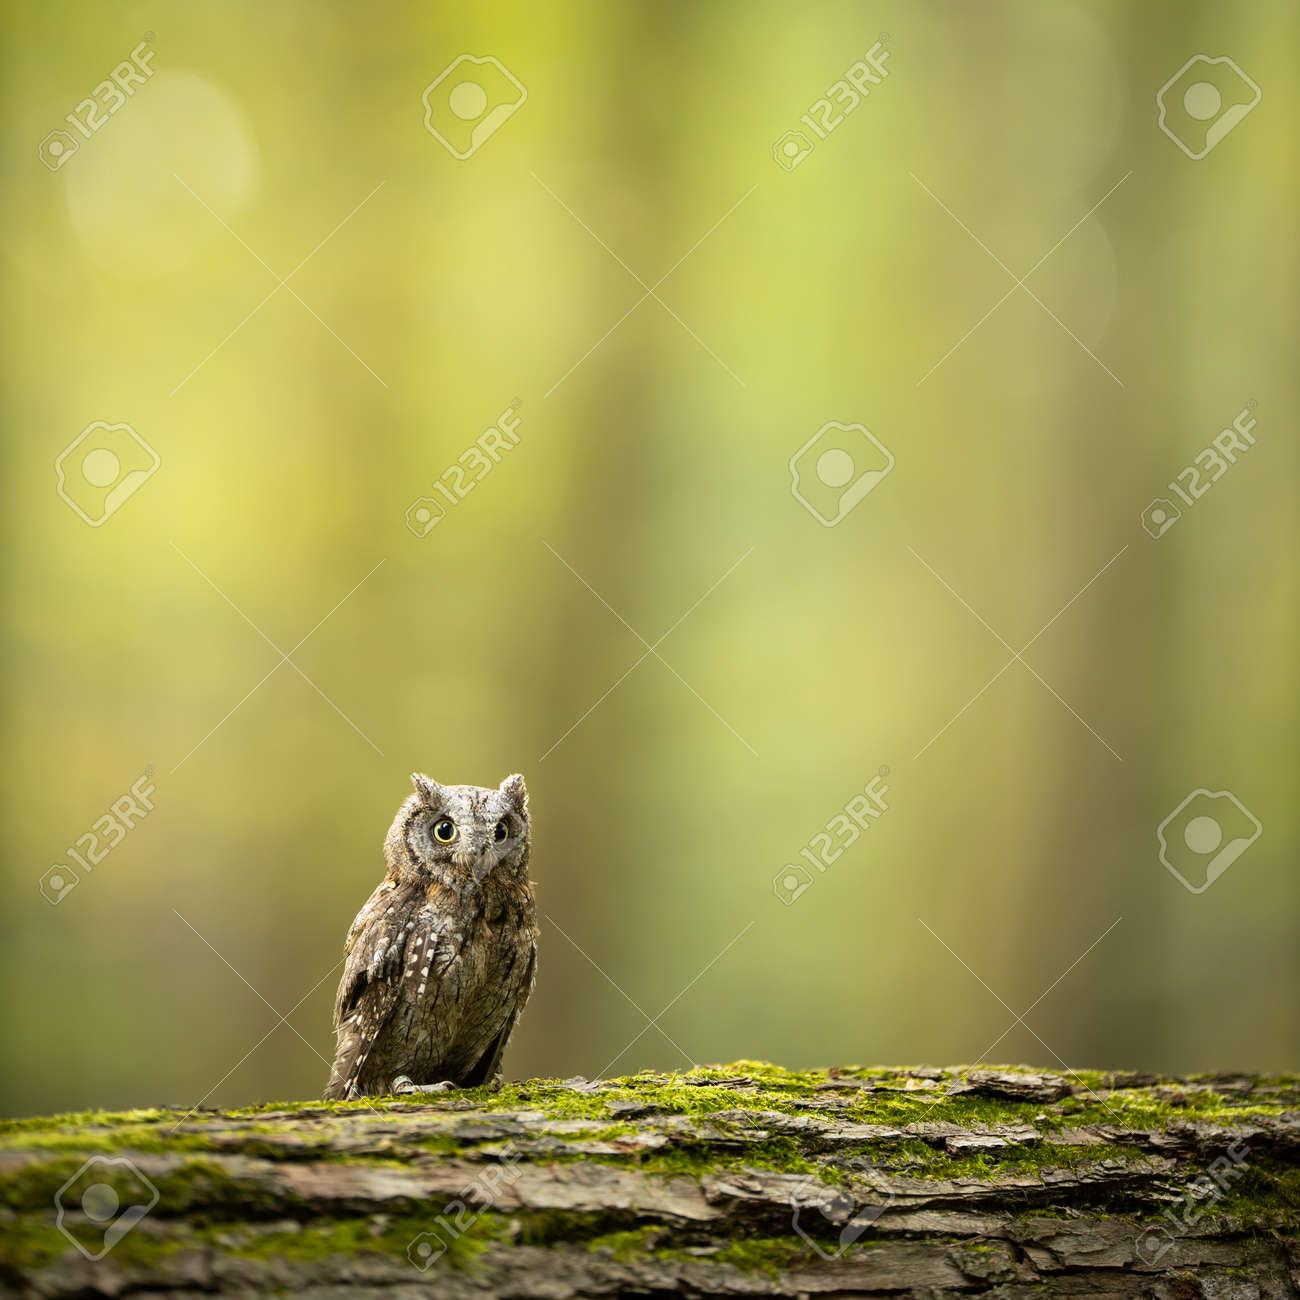 Eurasian scops owl (Otus scops) - Small scops owl on a branch in autumnal forest - 171623522